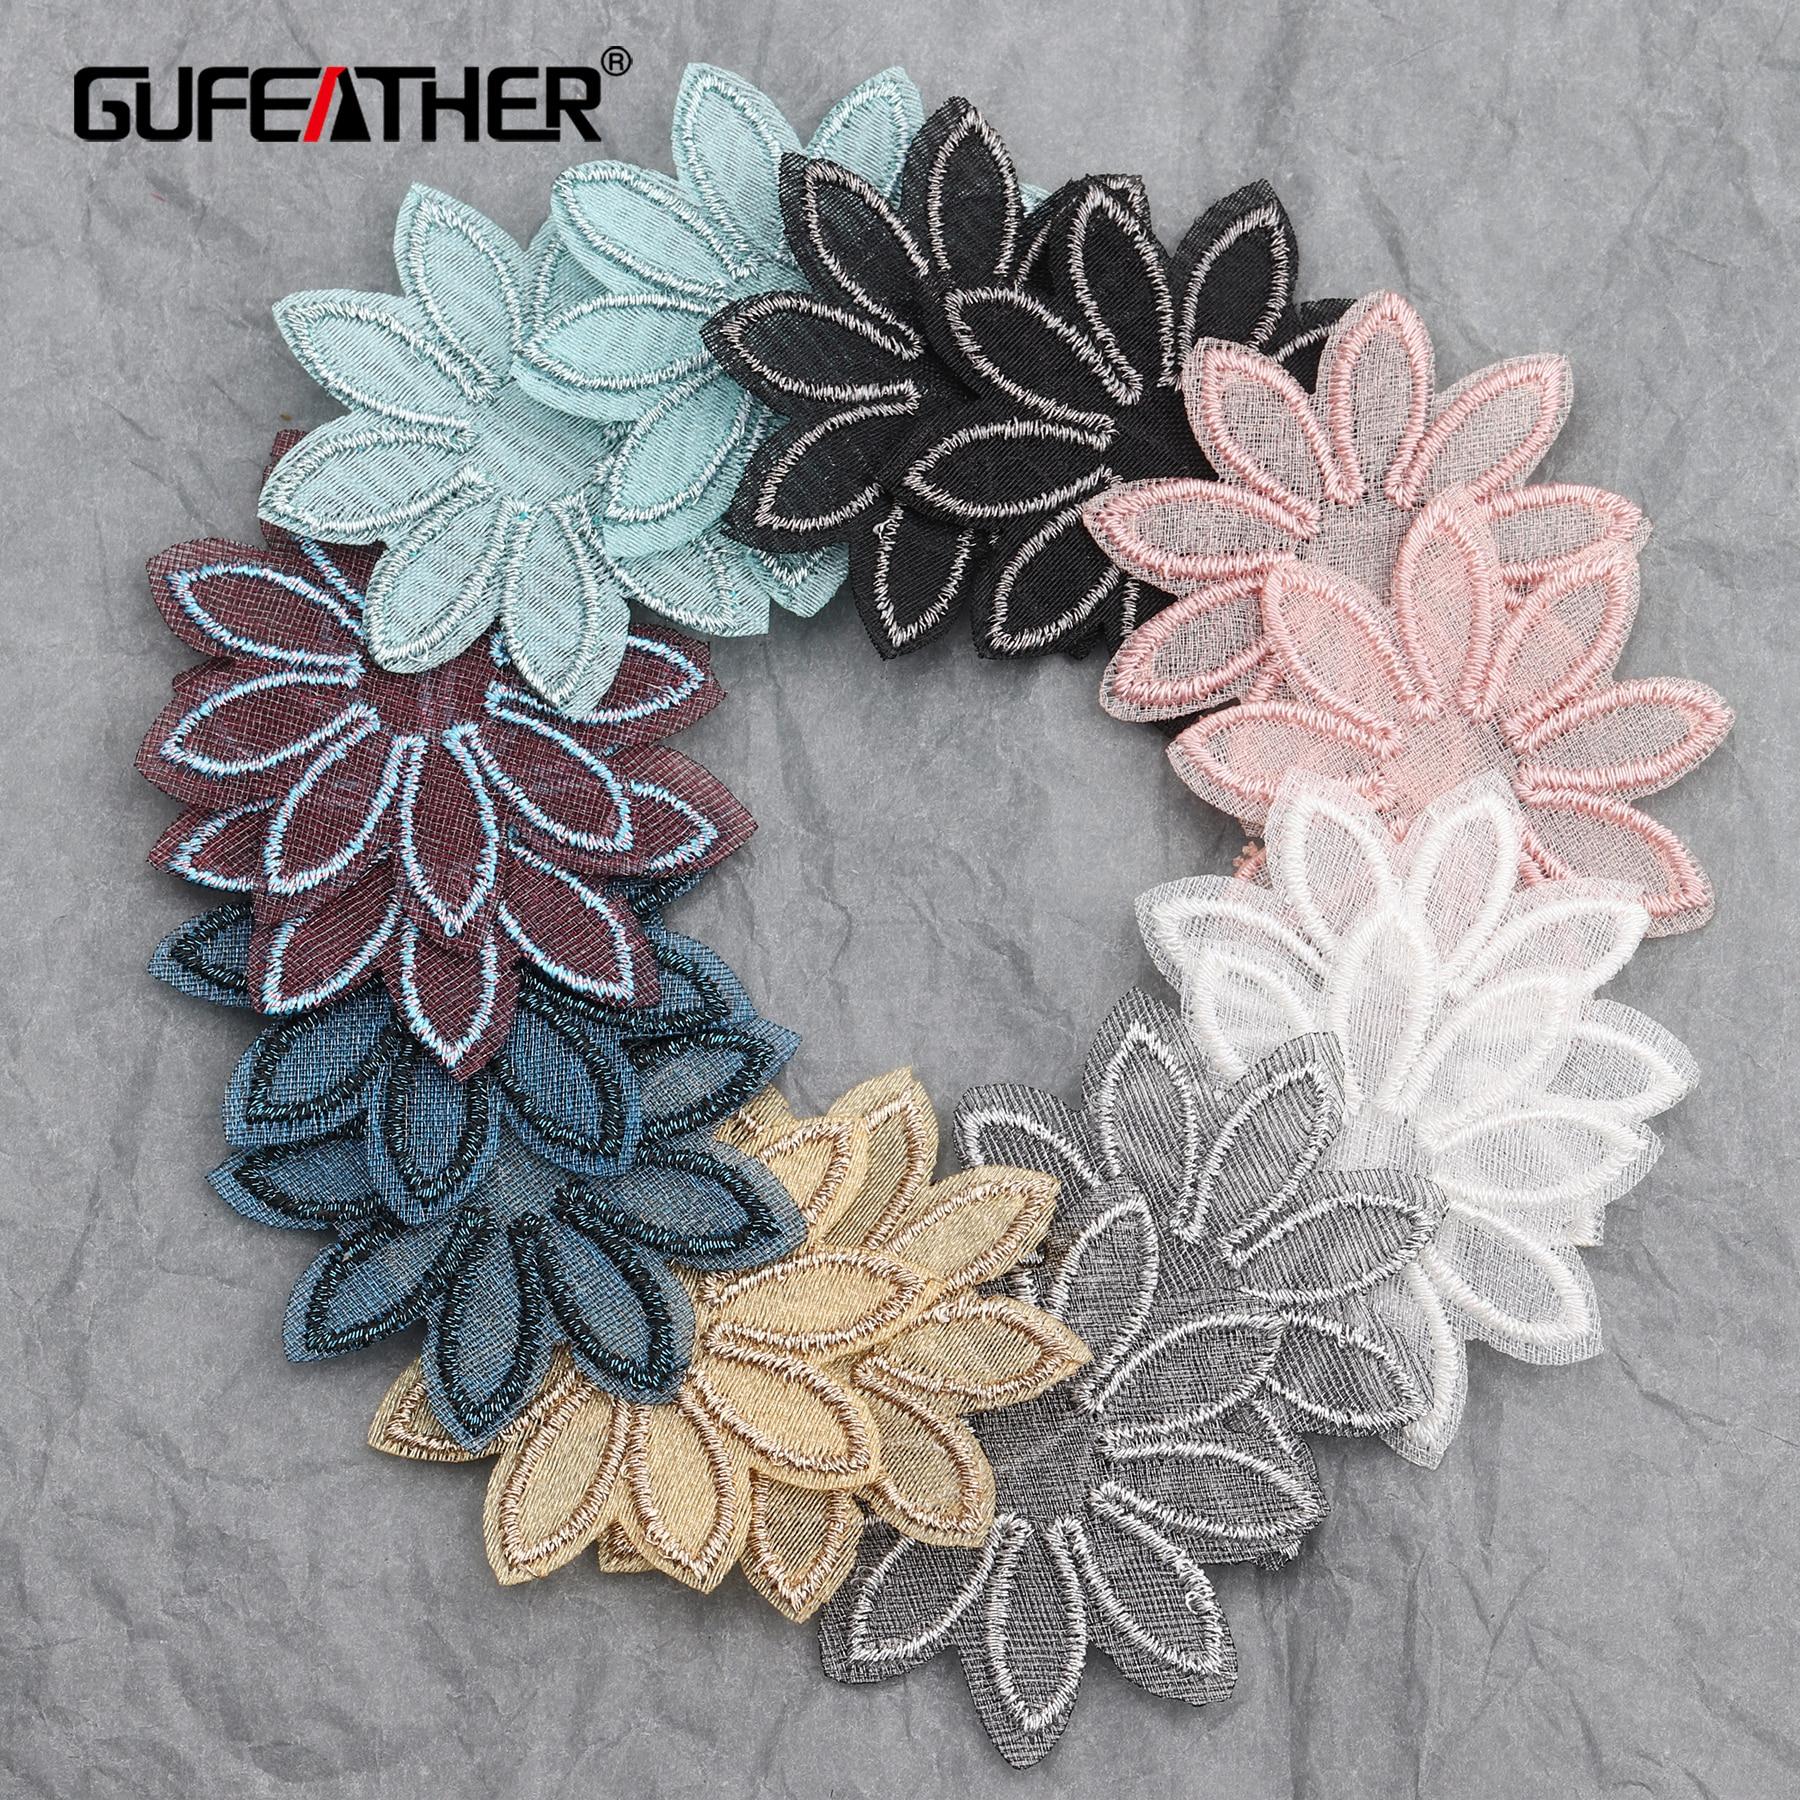 GUFEATHER L214, acessórios da jóia, forma de flor, diy pingente, malha patch, descobertas jóias, feitas à mão, fazer jóias, 20 pçs/lote